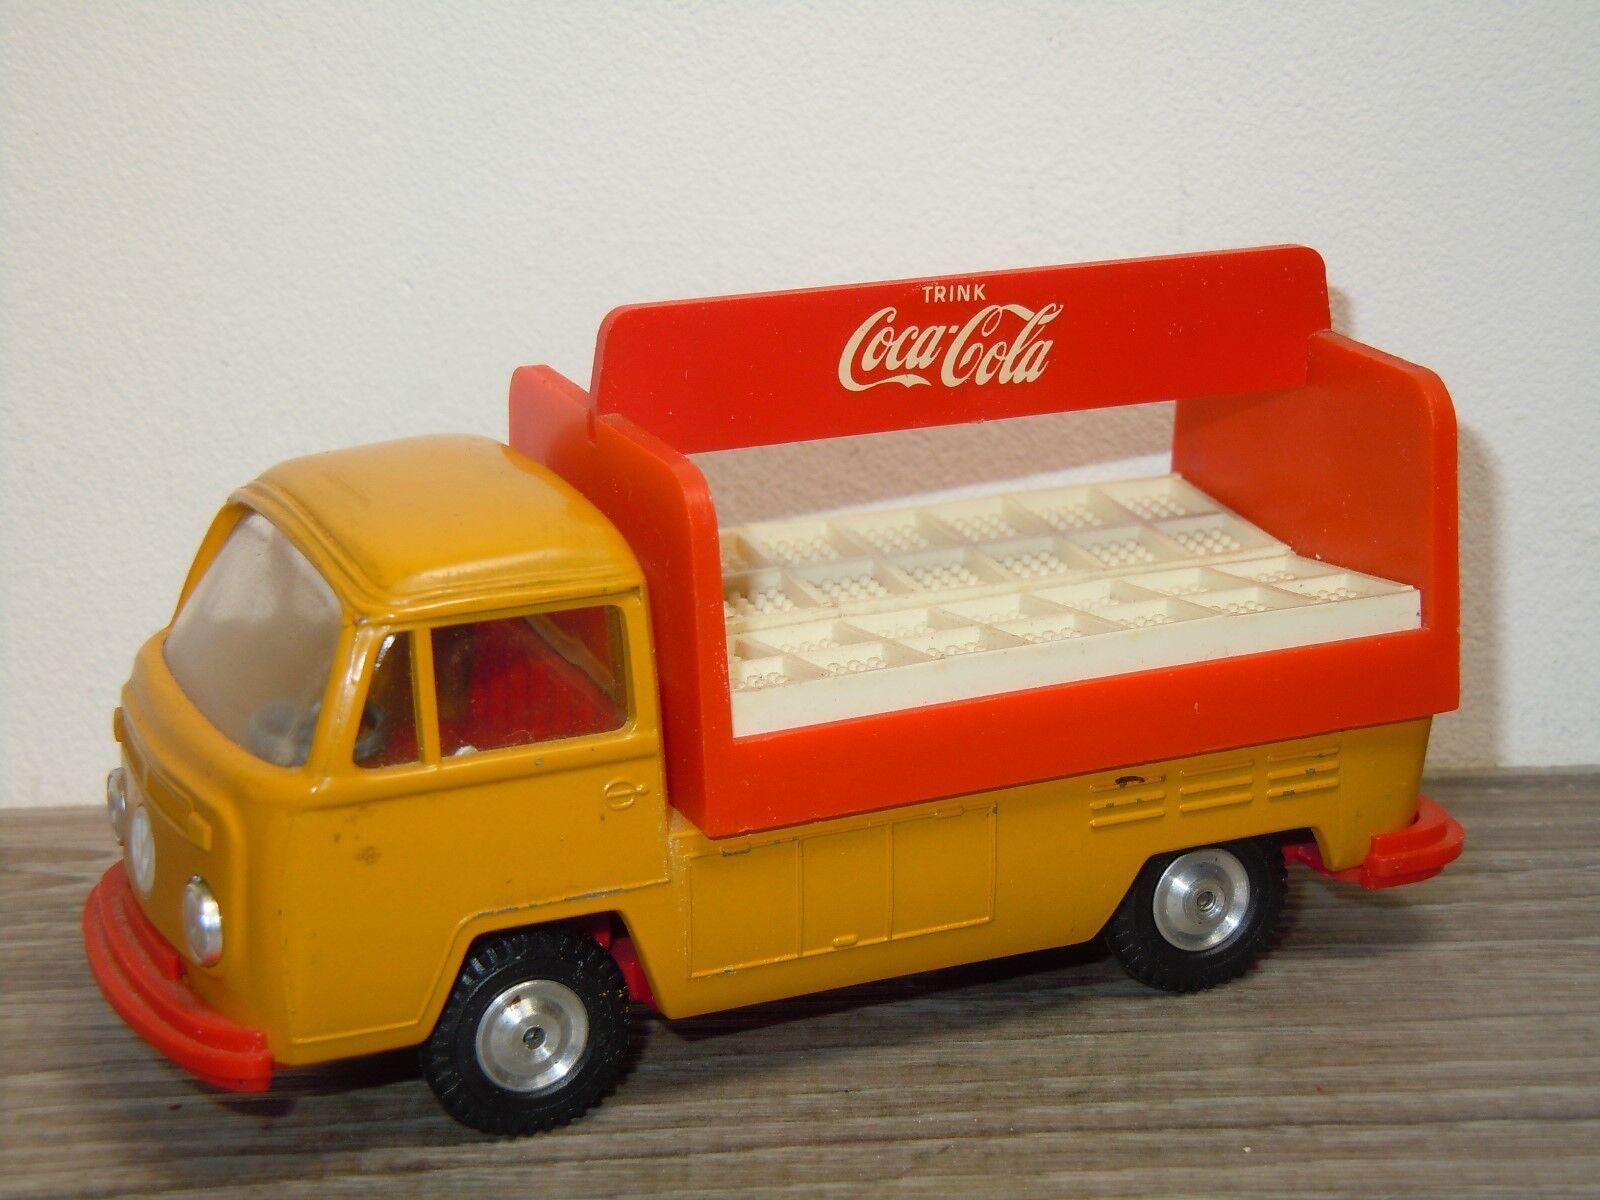 a la venta VW Volkswagen Transporter T2 Coca Cola - - - Gama Germany 1 42 33902  tiendas minoristas